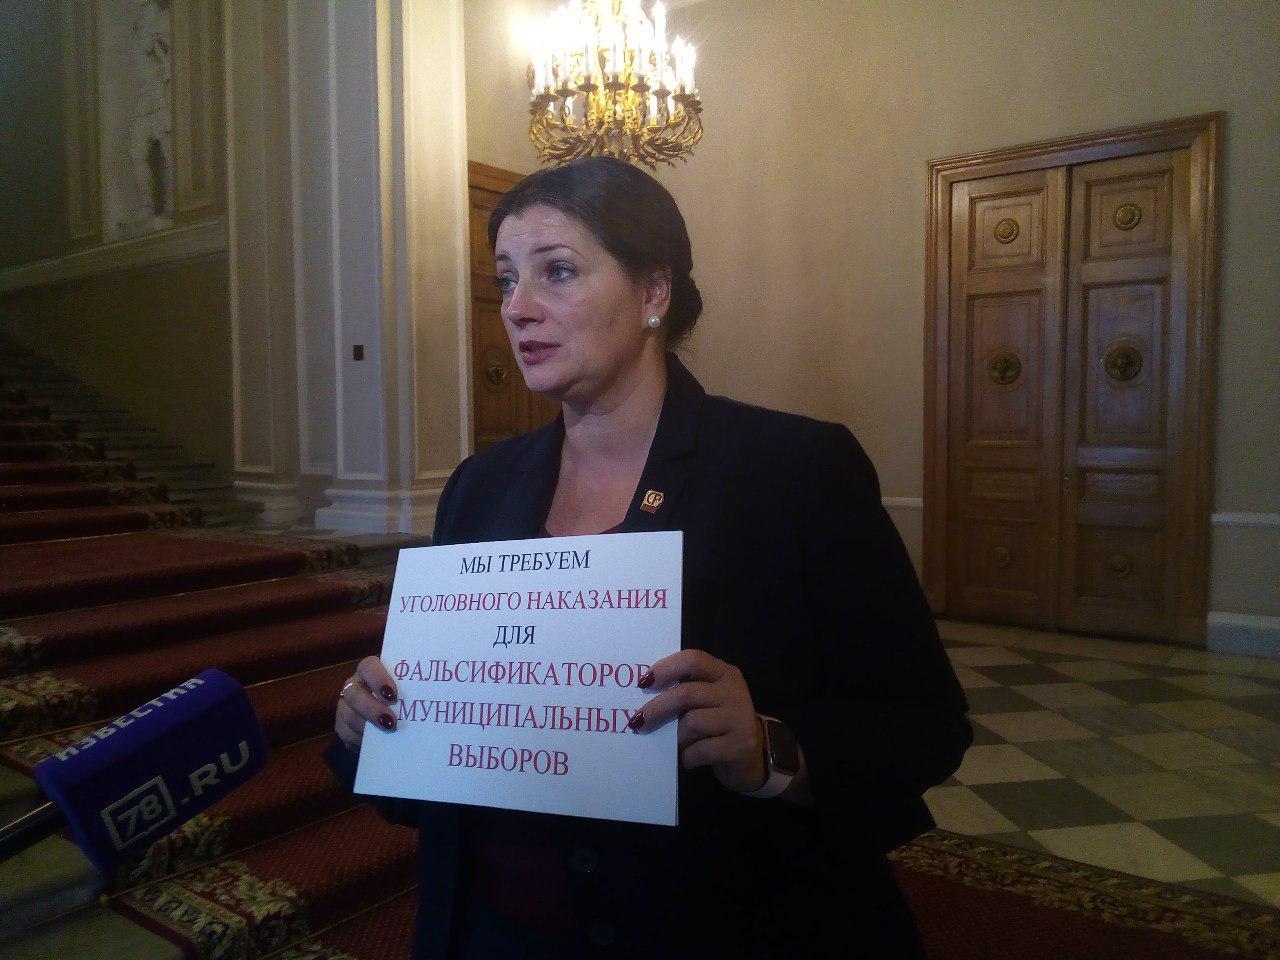 фото ЗакС политика Эсерам не дали заявить о фальсификациях на муниципальных выборах во время заседания ЗакСа